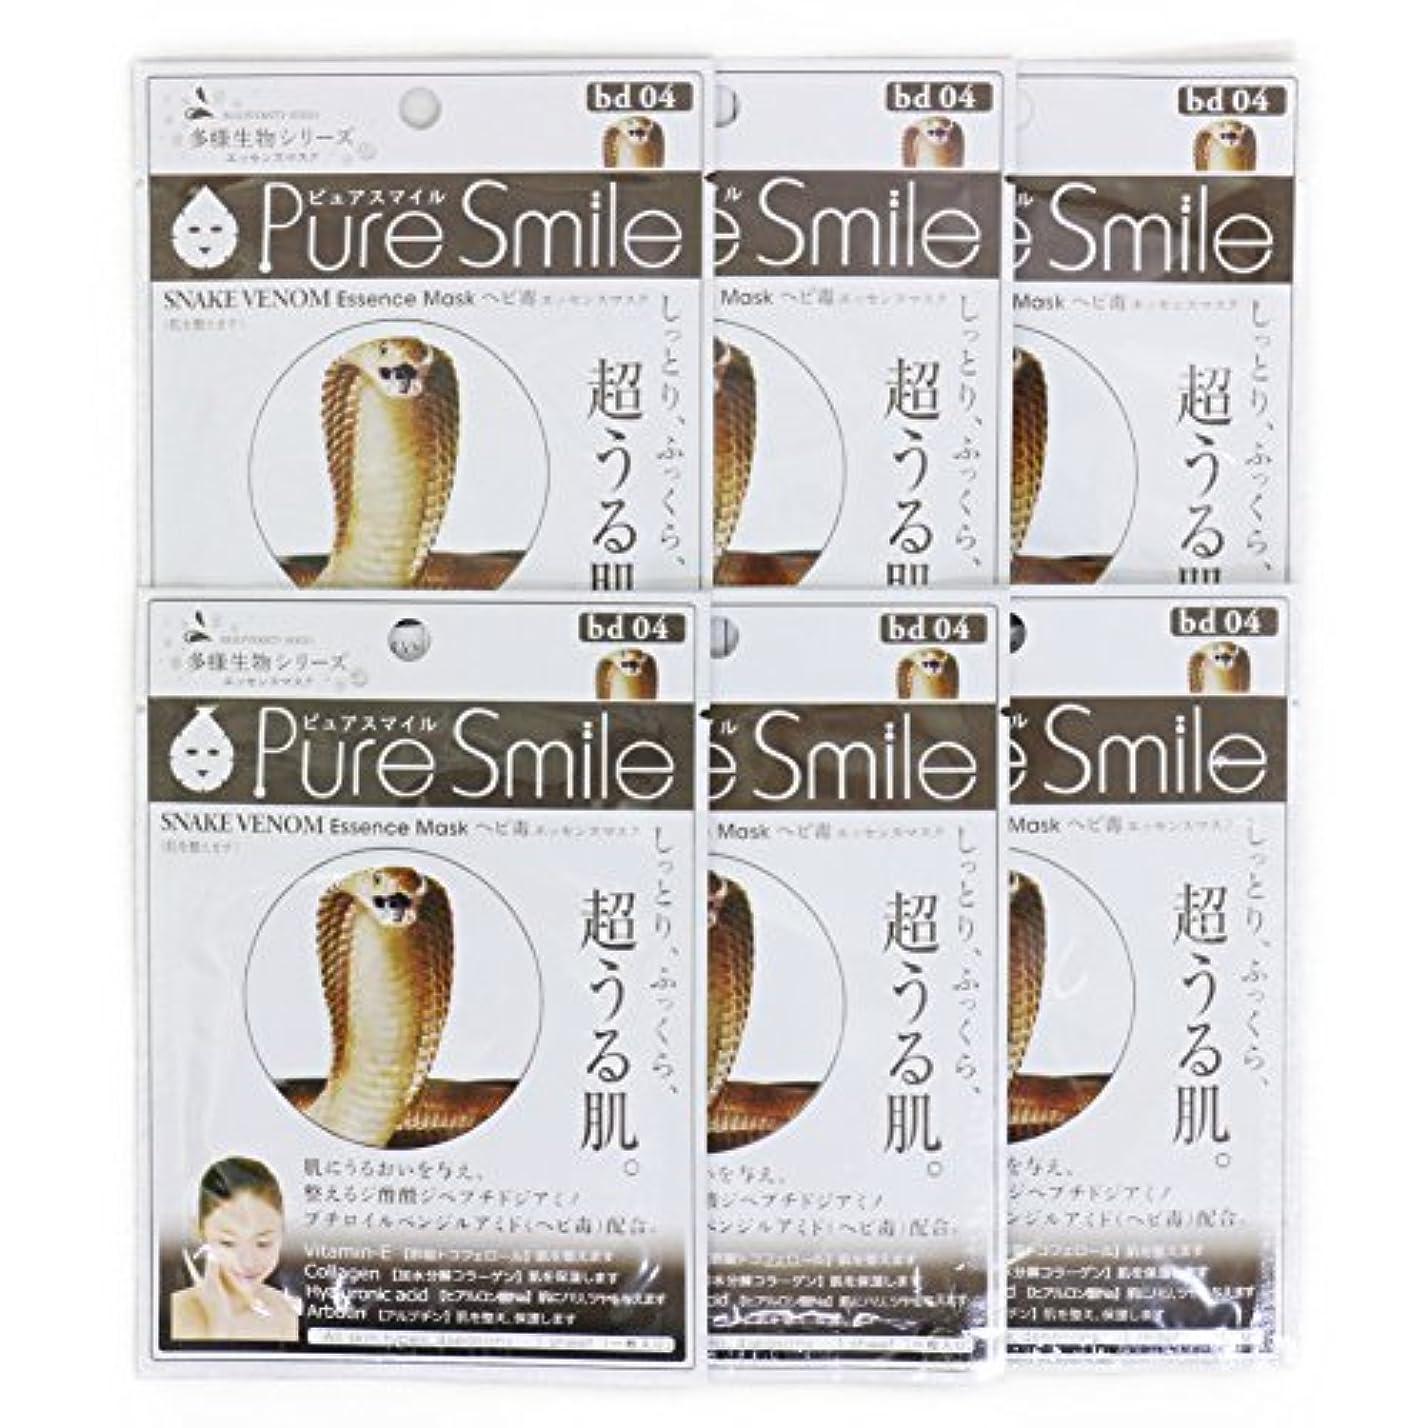 ビュッフェゲートテラスPure Smile ピュアスマイル 多様生物エッセンスマスク ヘビ毒 6枚セット